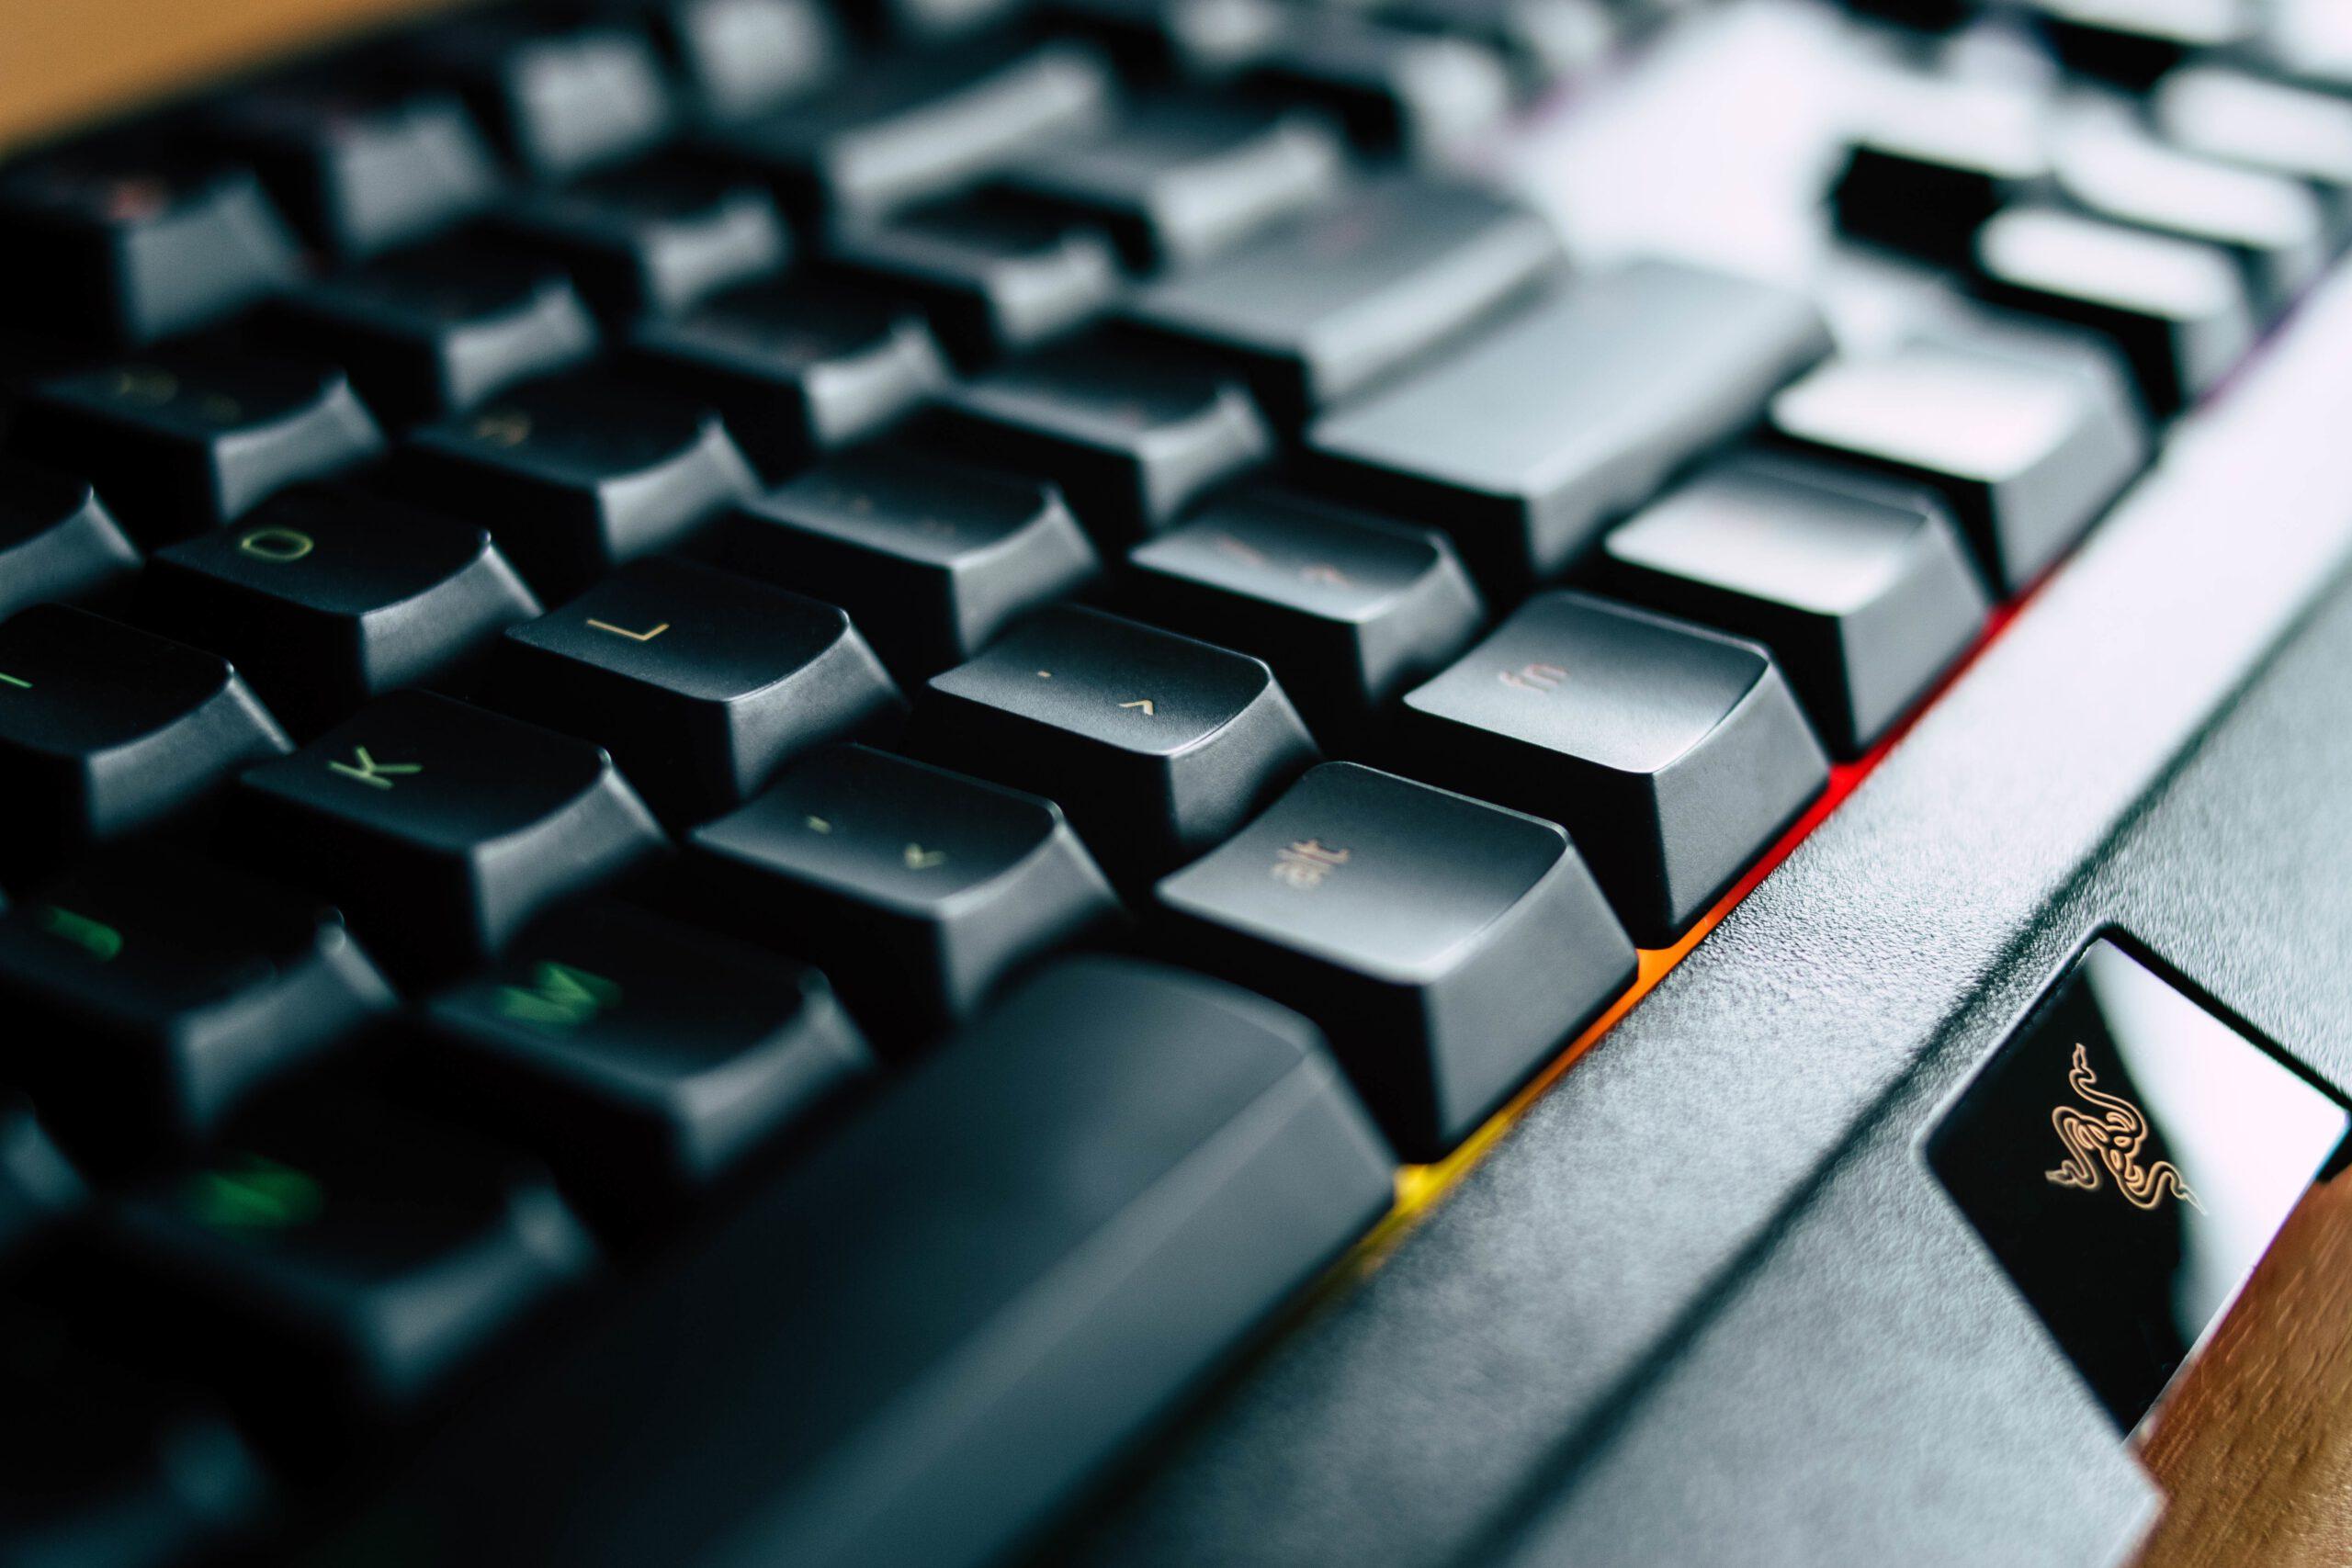 Uudet nettikasinot panostavat e-urheiluun